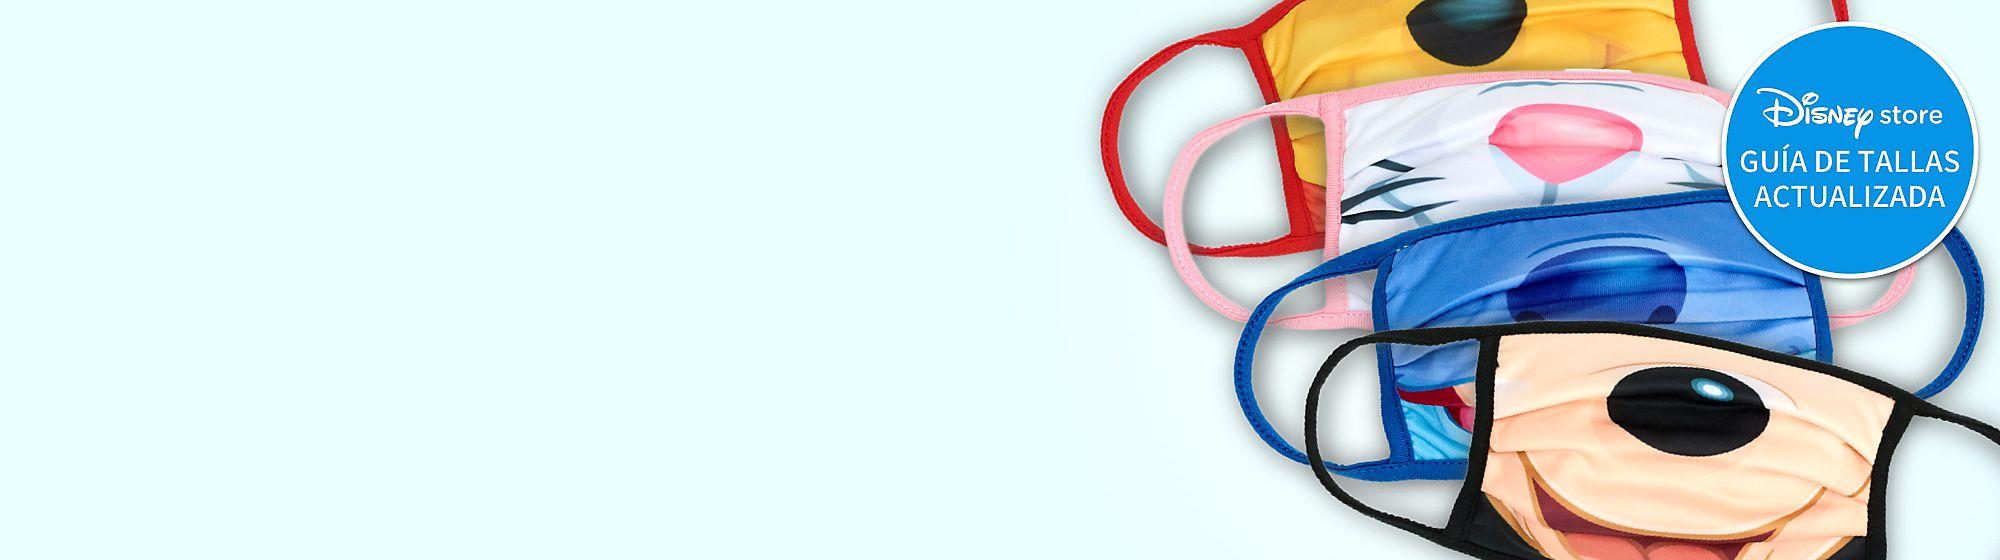 Mascarillas de Tela Disney Debido a la abrumadora demanda, estamos encantados de anunciar que hemos alcanzado el objetivo de recaudación de 560.000€, el 100% de los beneficios de las ventas de nuestras mascarillas de tela que donaremos a las organizaciones de Cruz Roja en Europa. Además, donaremos 100.000 mascarillas de tela a otras ONG.